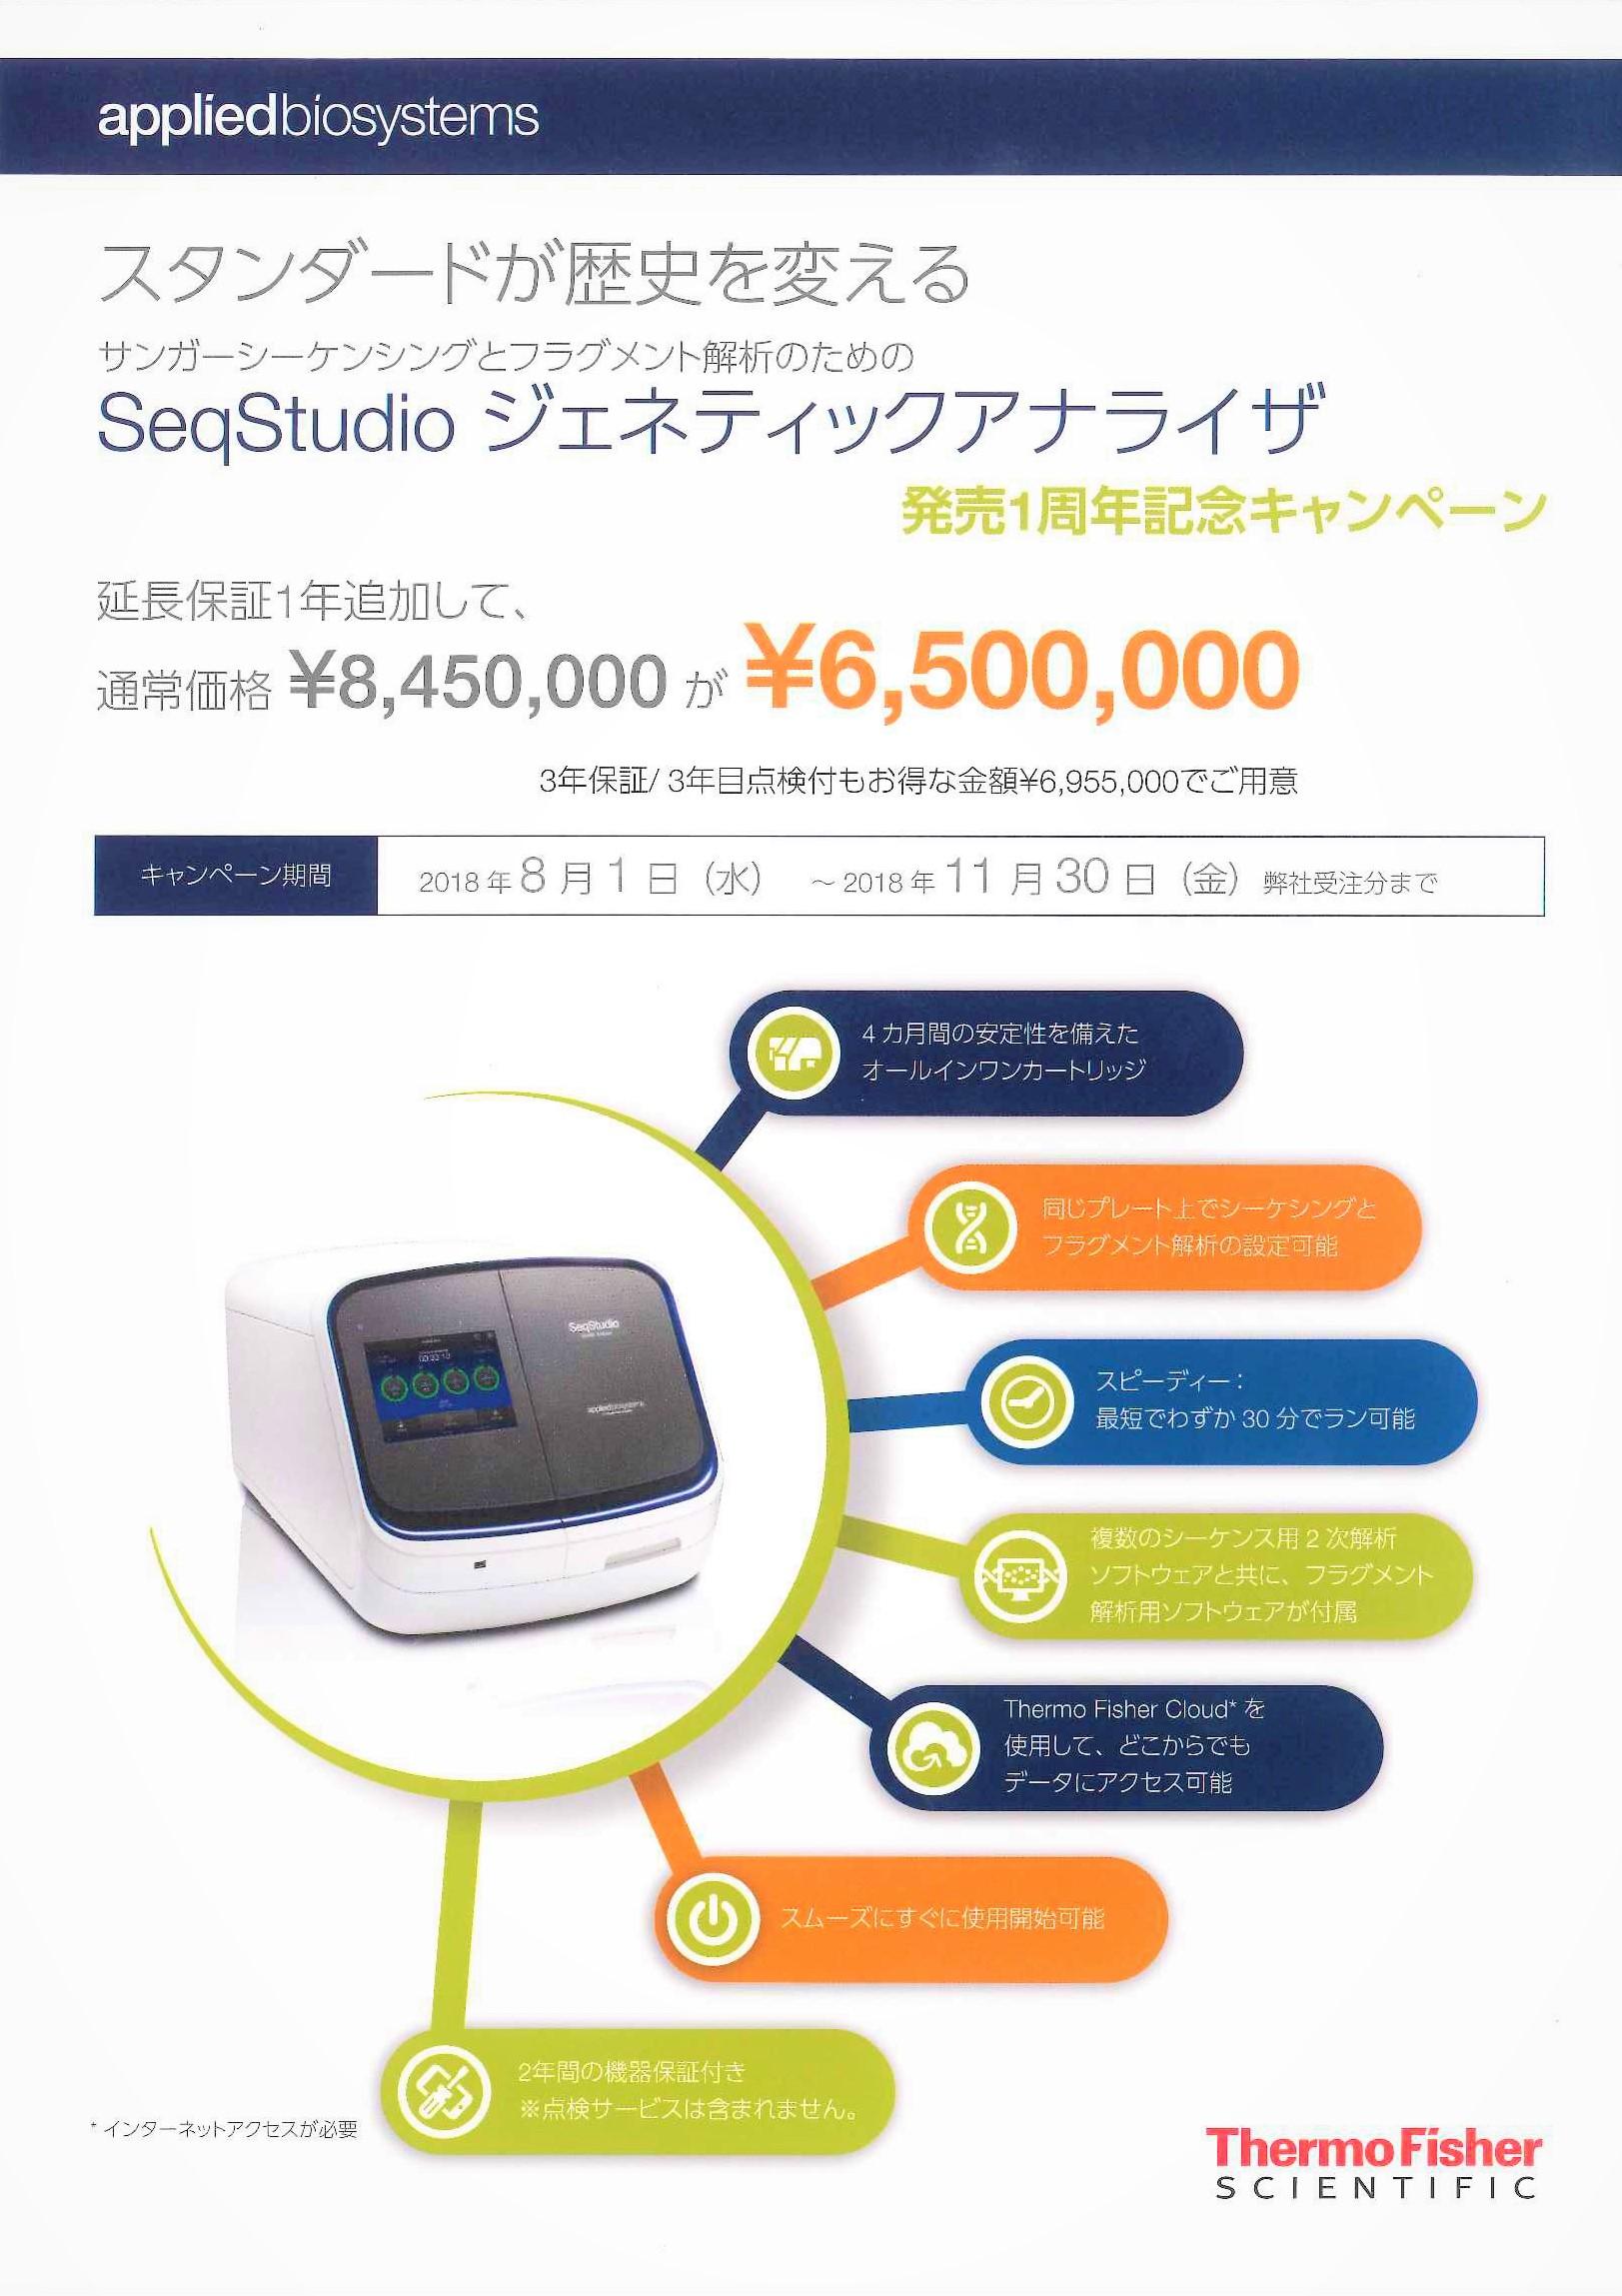 SeqStudioジェネティックアナライザ発売1周年記念キャンペーン!